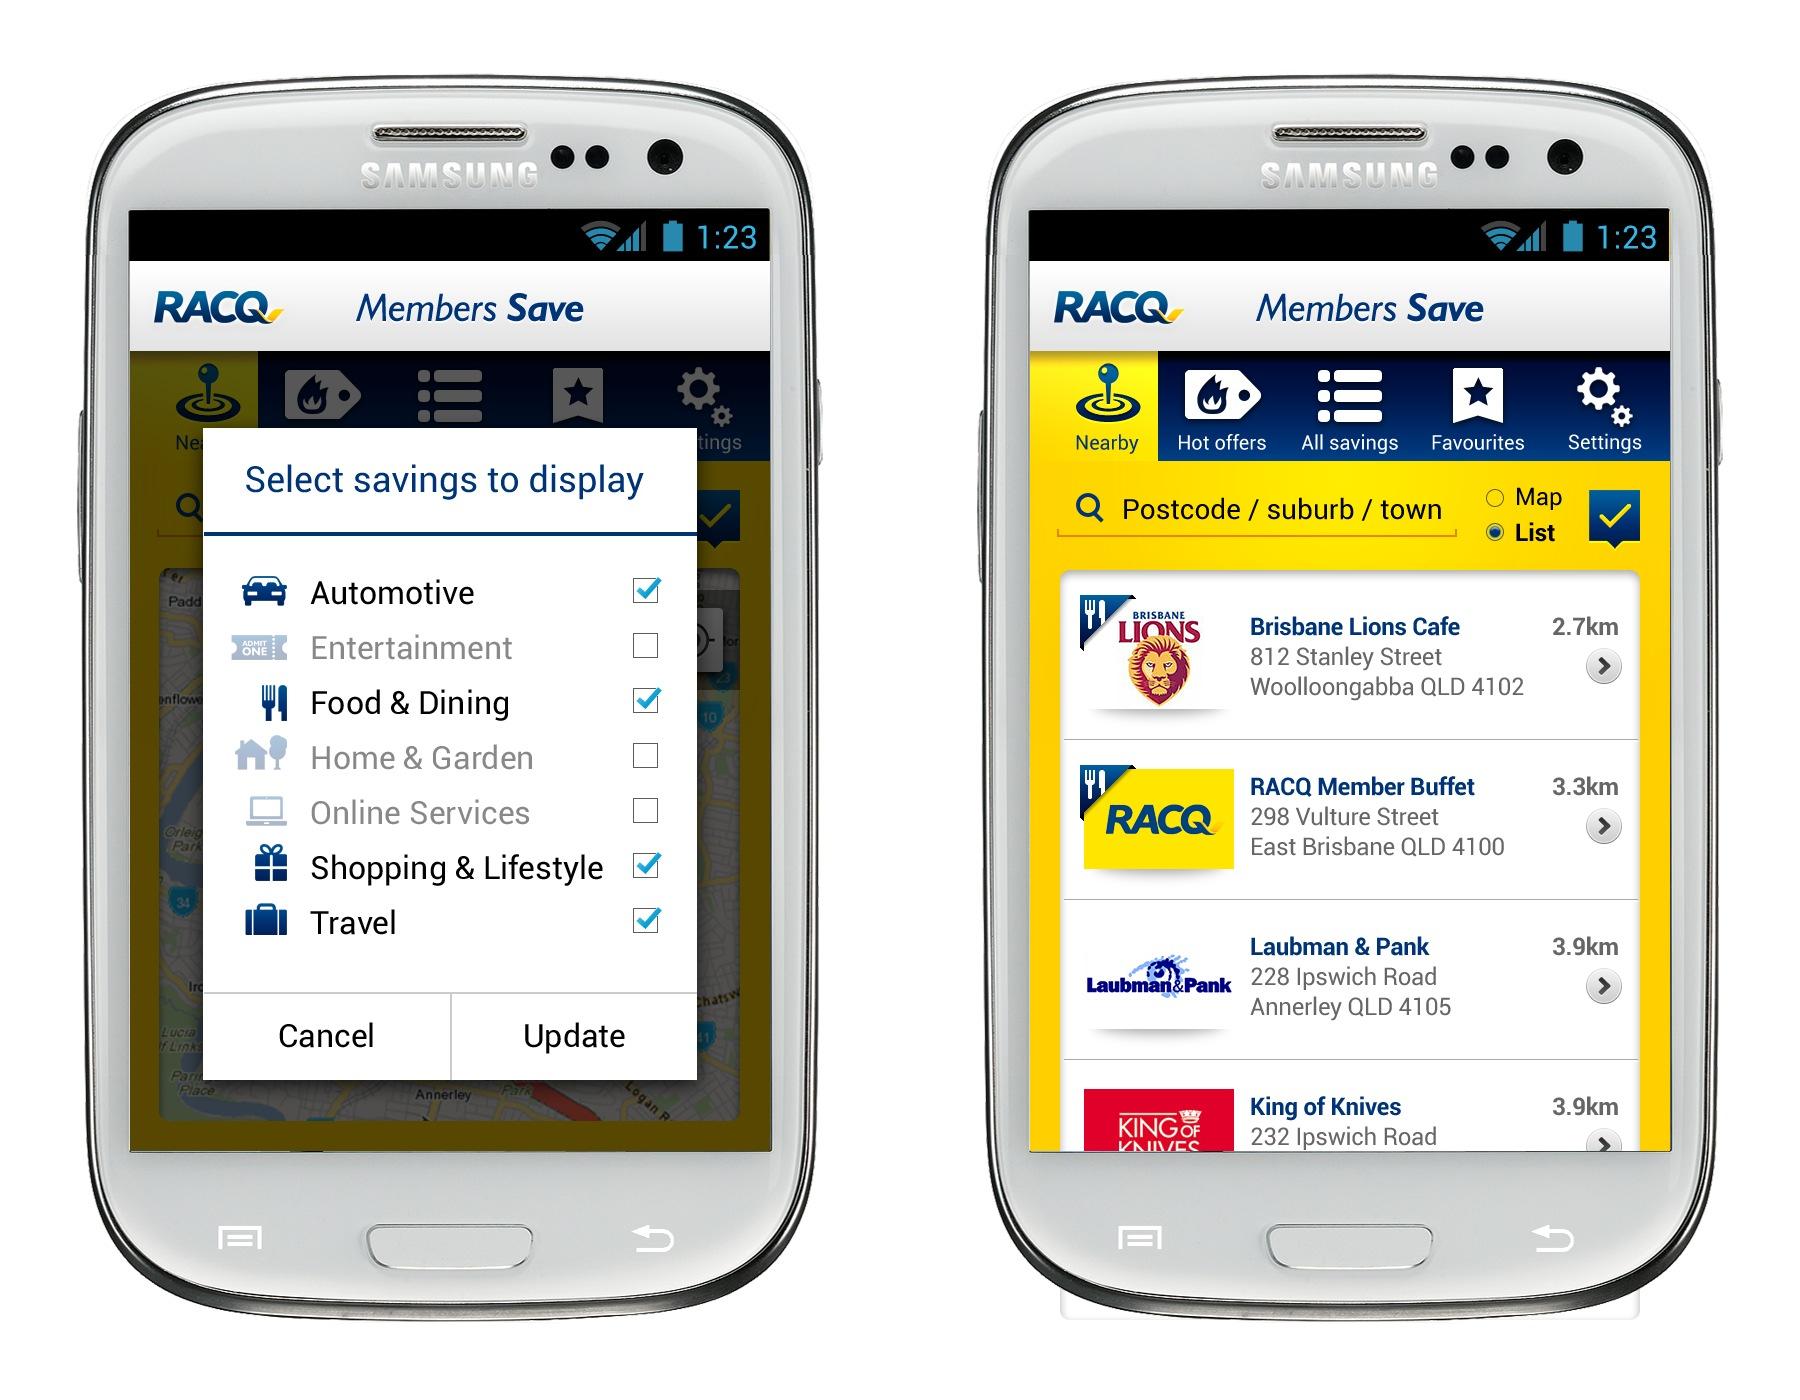 2013-03-Dining-rewards-mobile-app-UI-member-save-android-v01-02.jpg